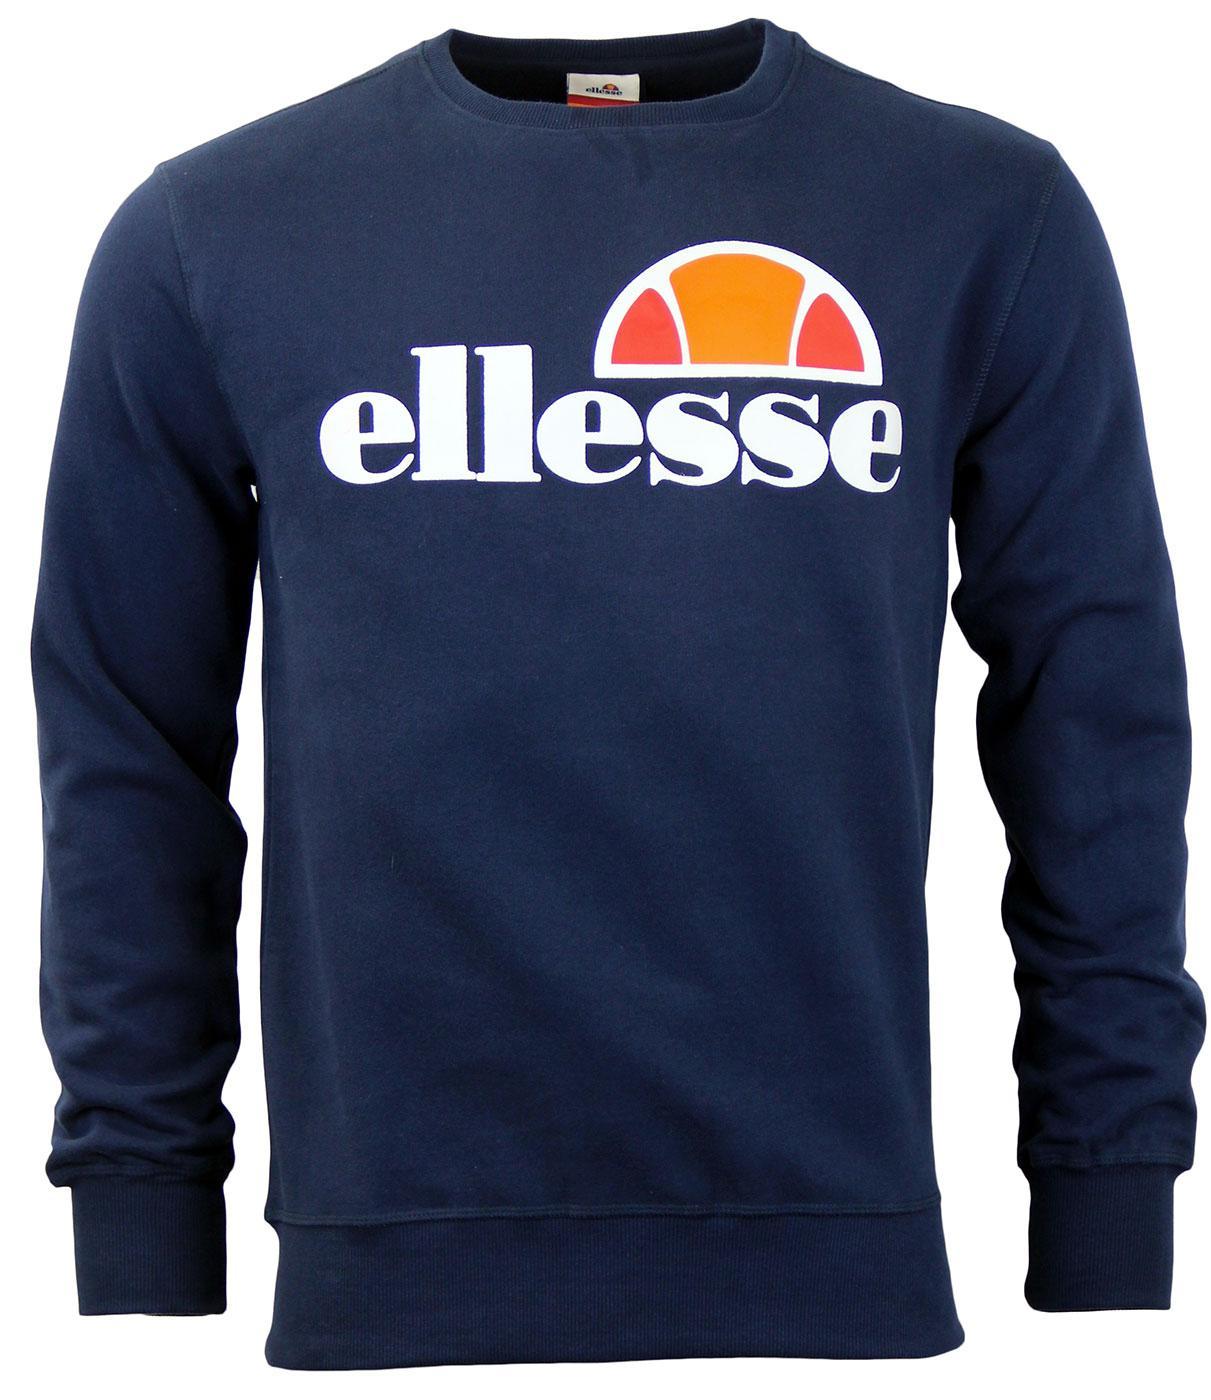 Succiso ELLESSE Retro 70s Crew Neck Sweater (DB)